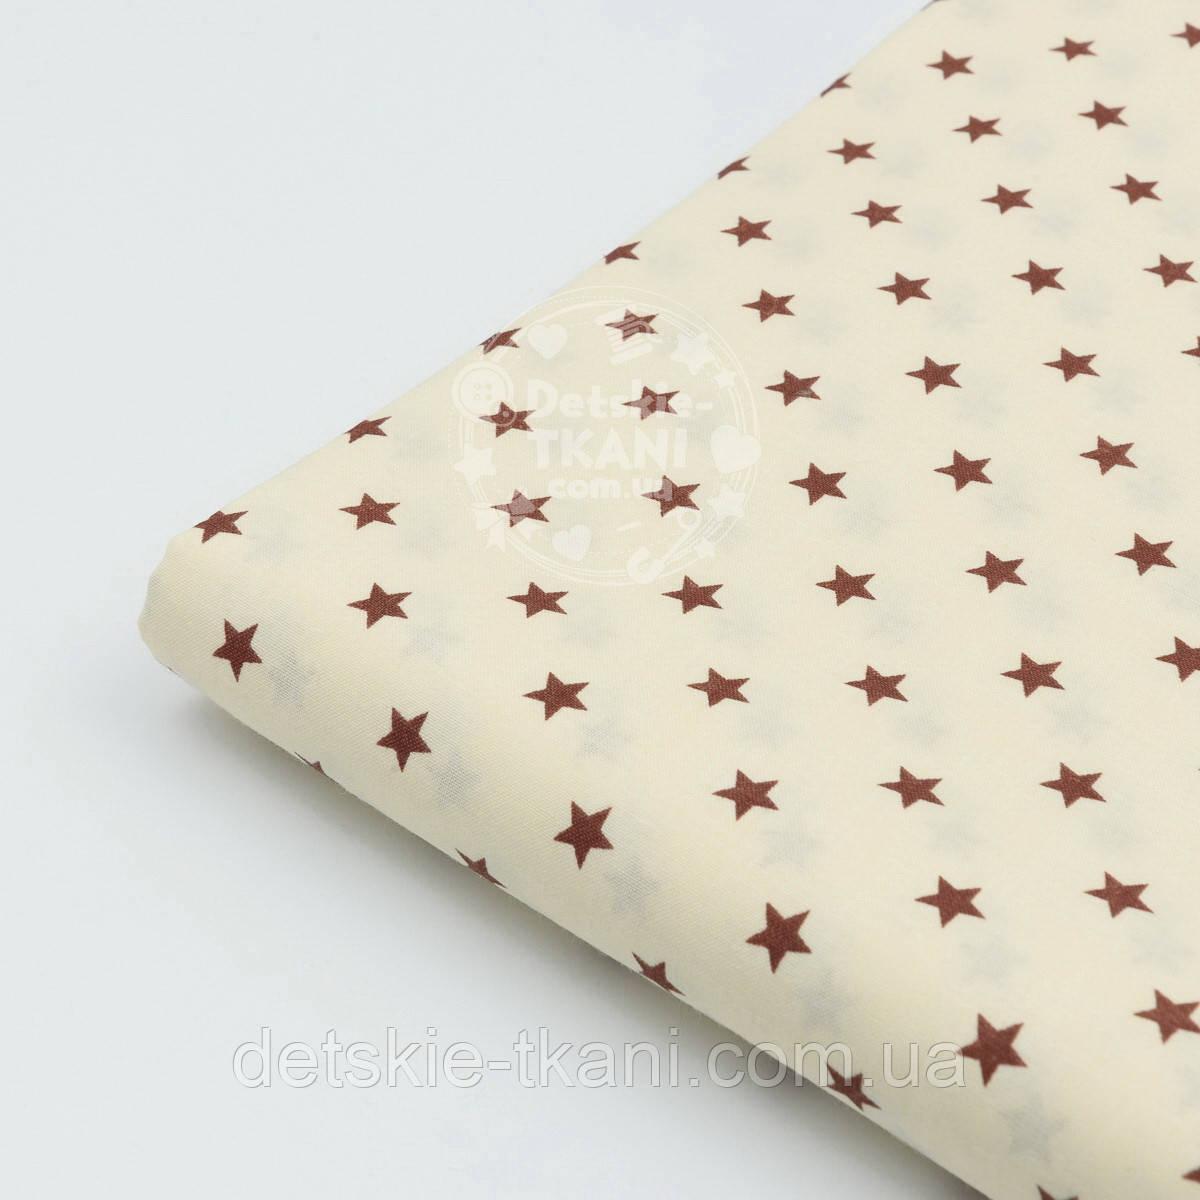 Лоскут ткани №167а с коричневыми звёздочками на кремовом фоне